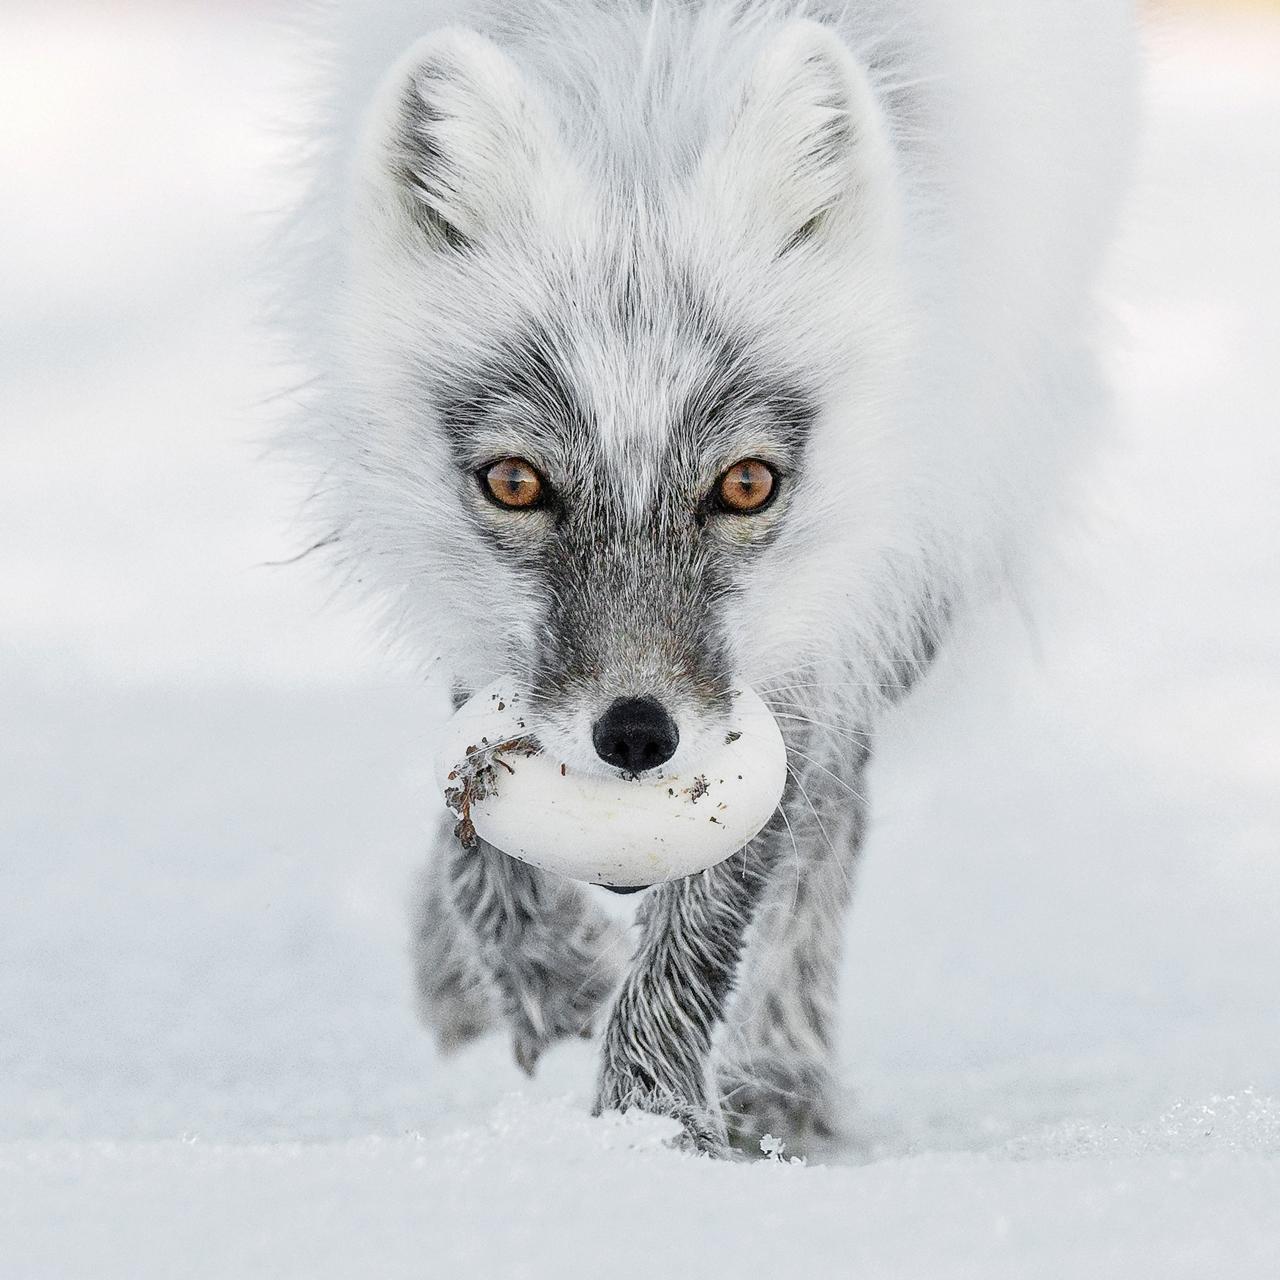 Конкурс фотографий дикой природы 2017